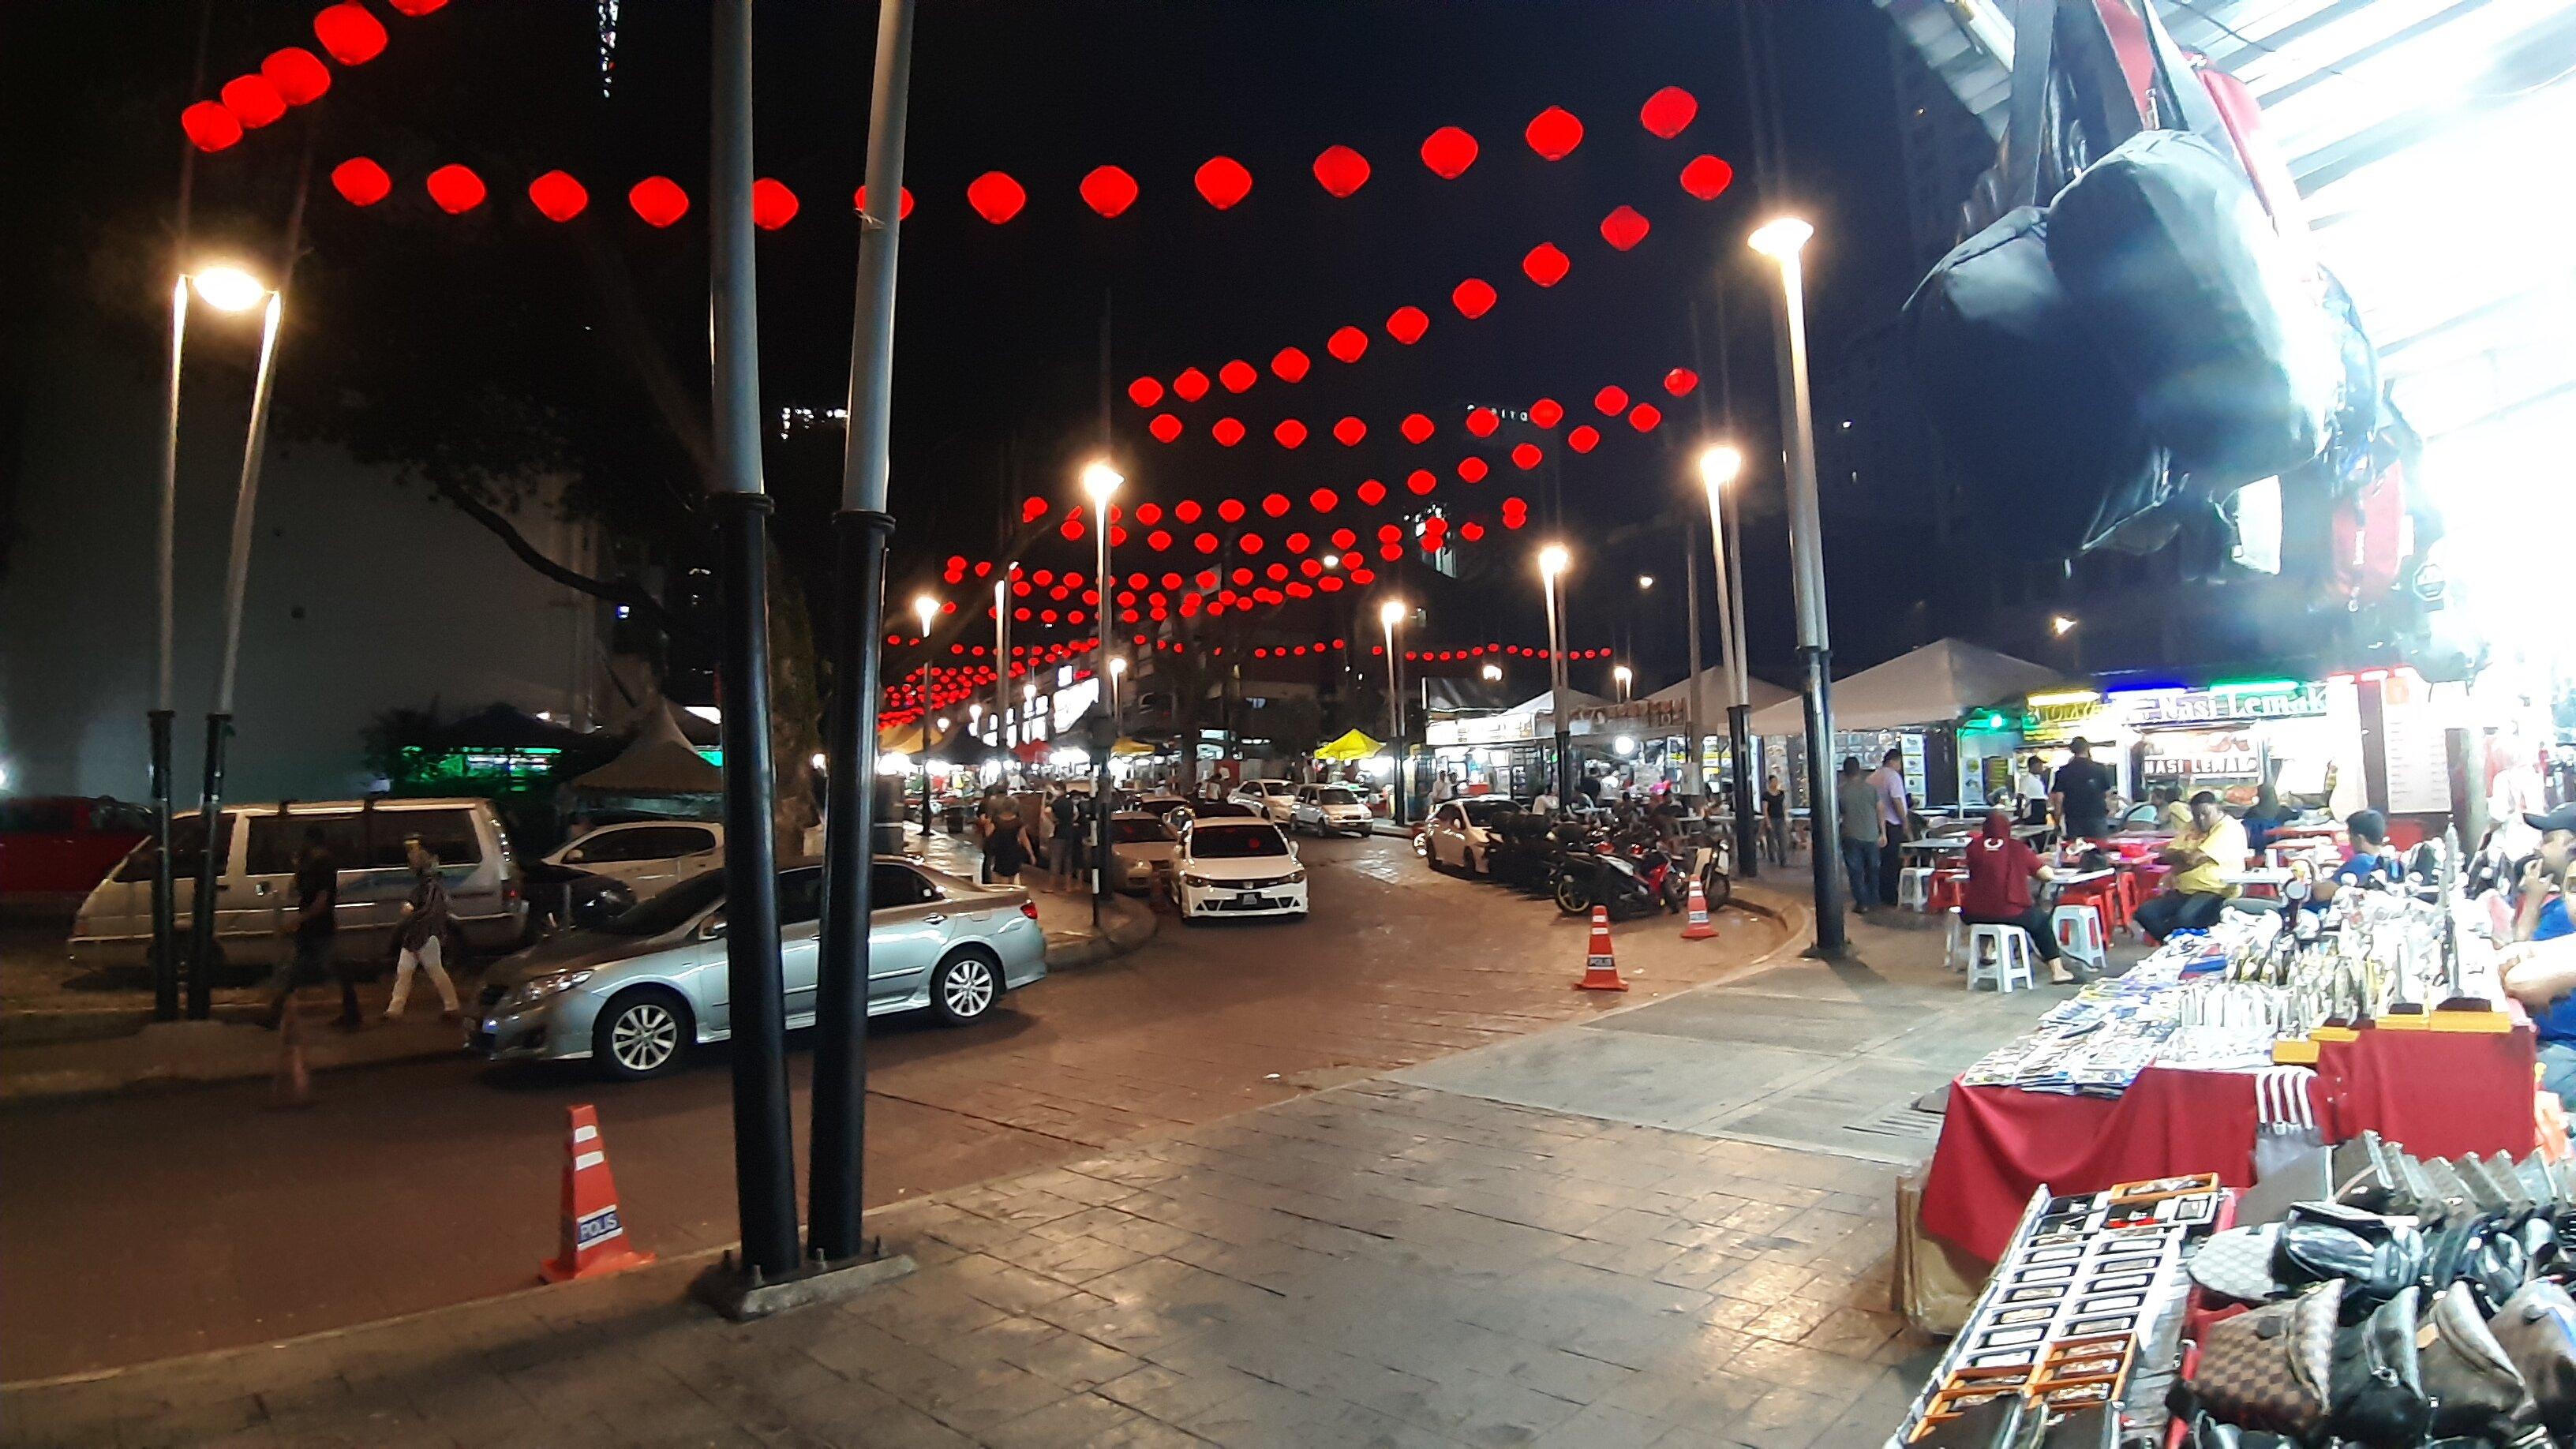 Jalan Alor, from afar.